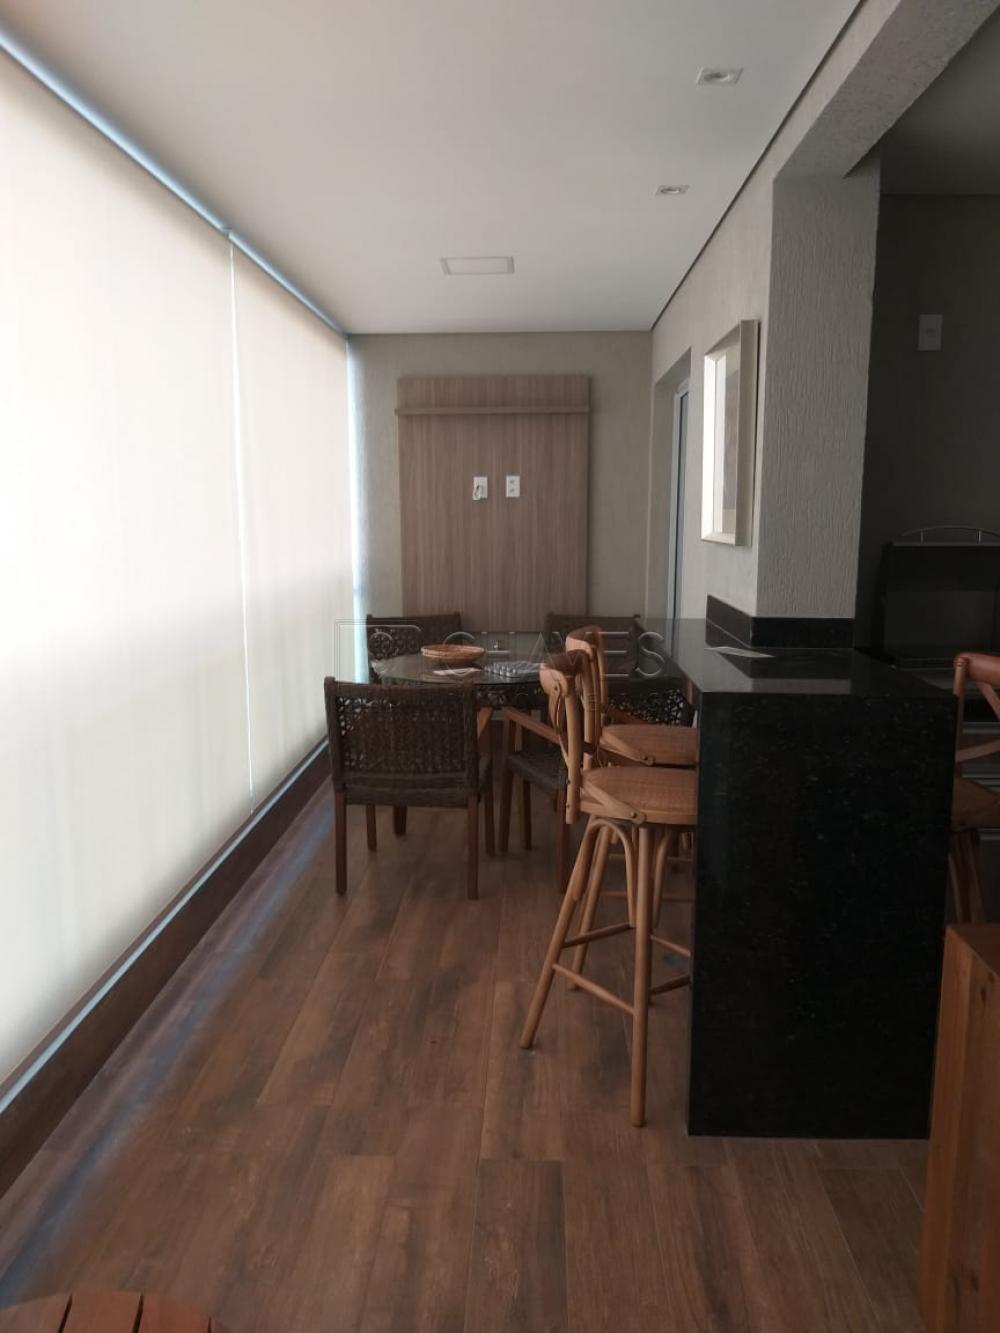 Comprar Apartamento / Padrão em Ribeirão Preto apenas R$ 586.450,00 - Foto 24